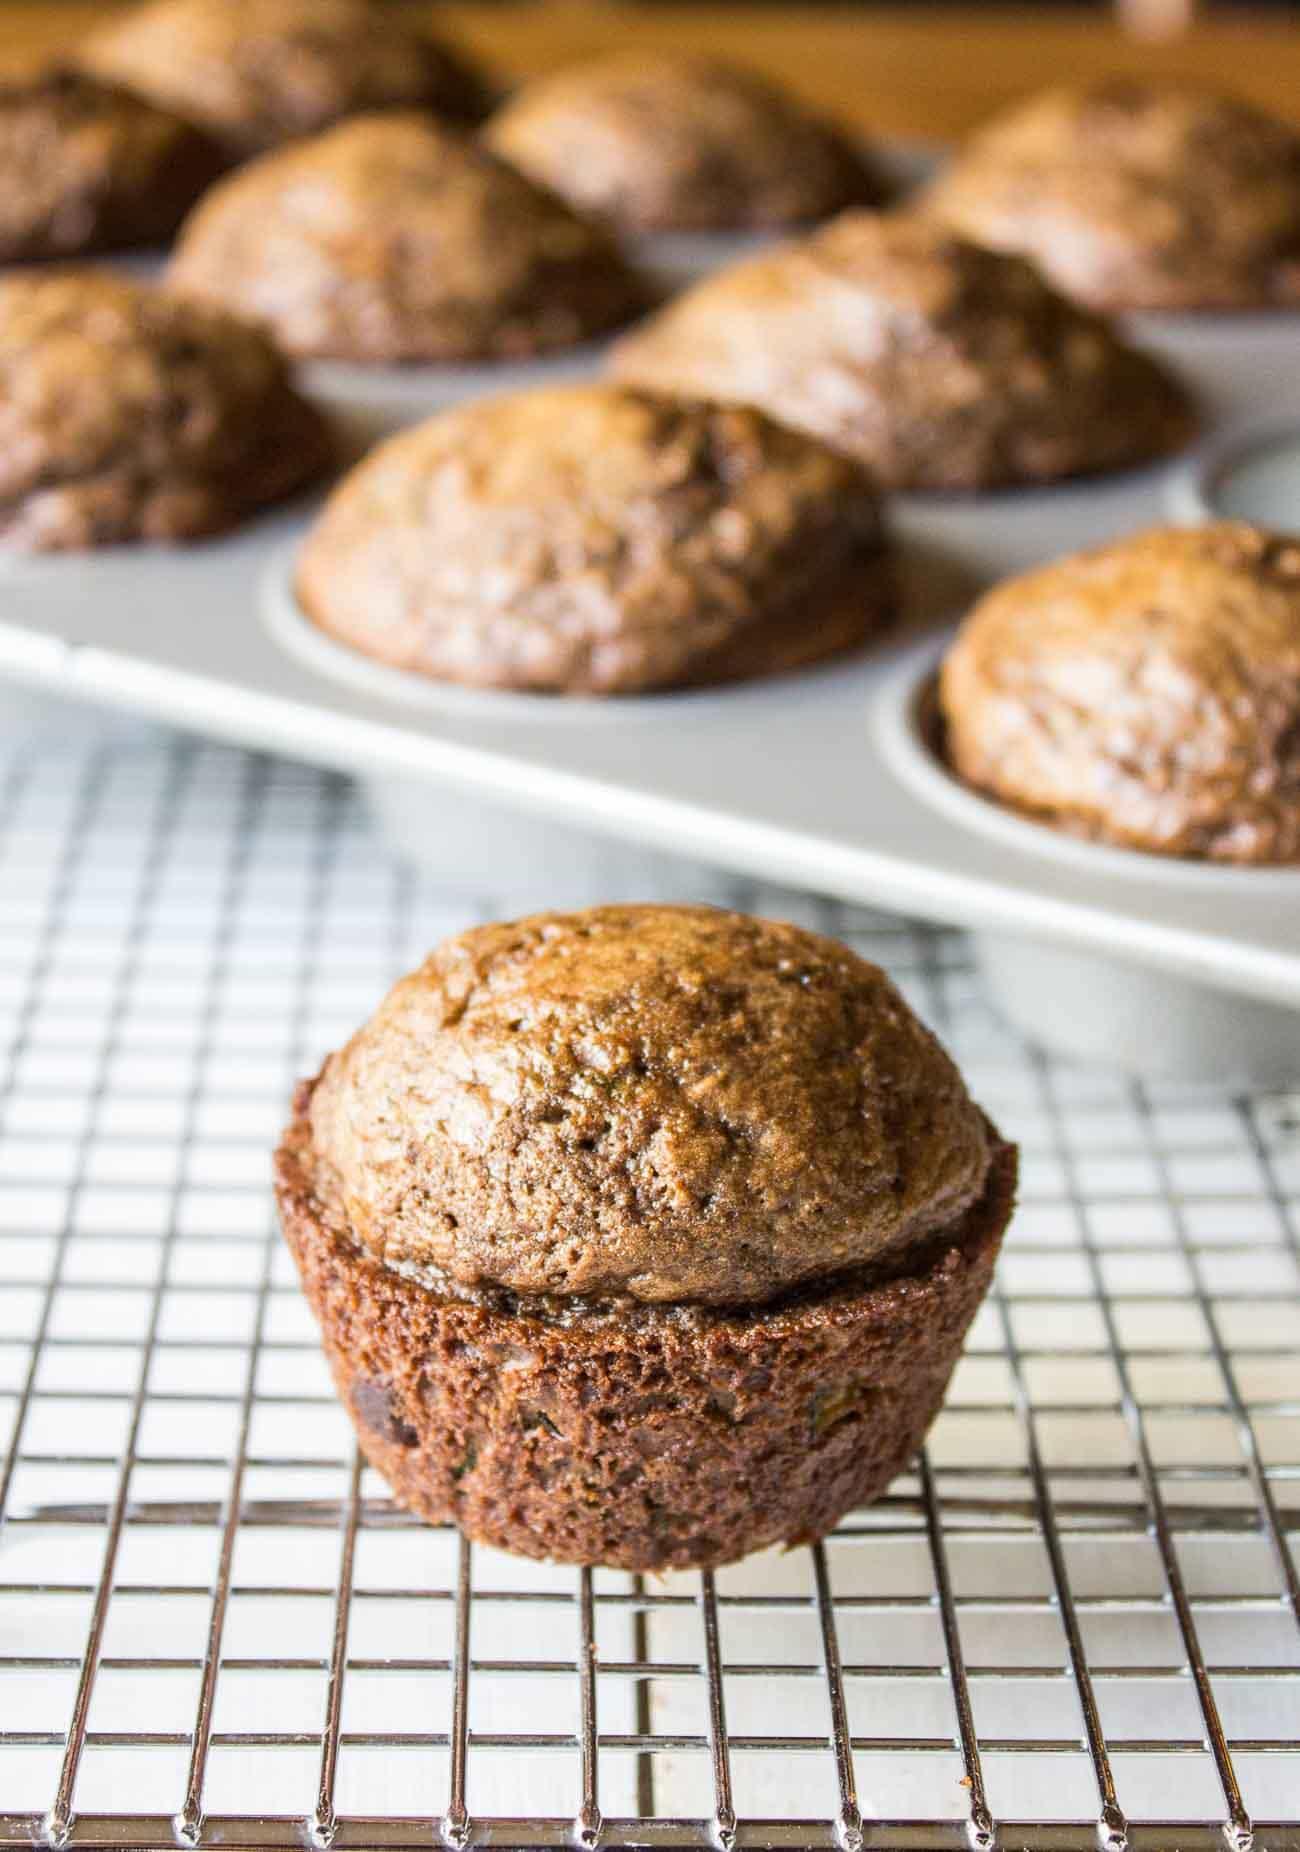 Chocolate Zucchini Muffins beyondthechickencoop.com